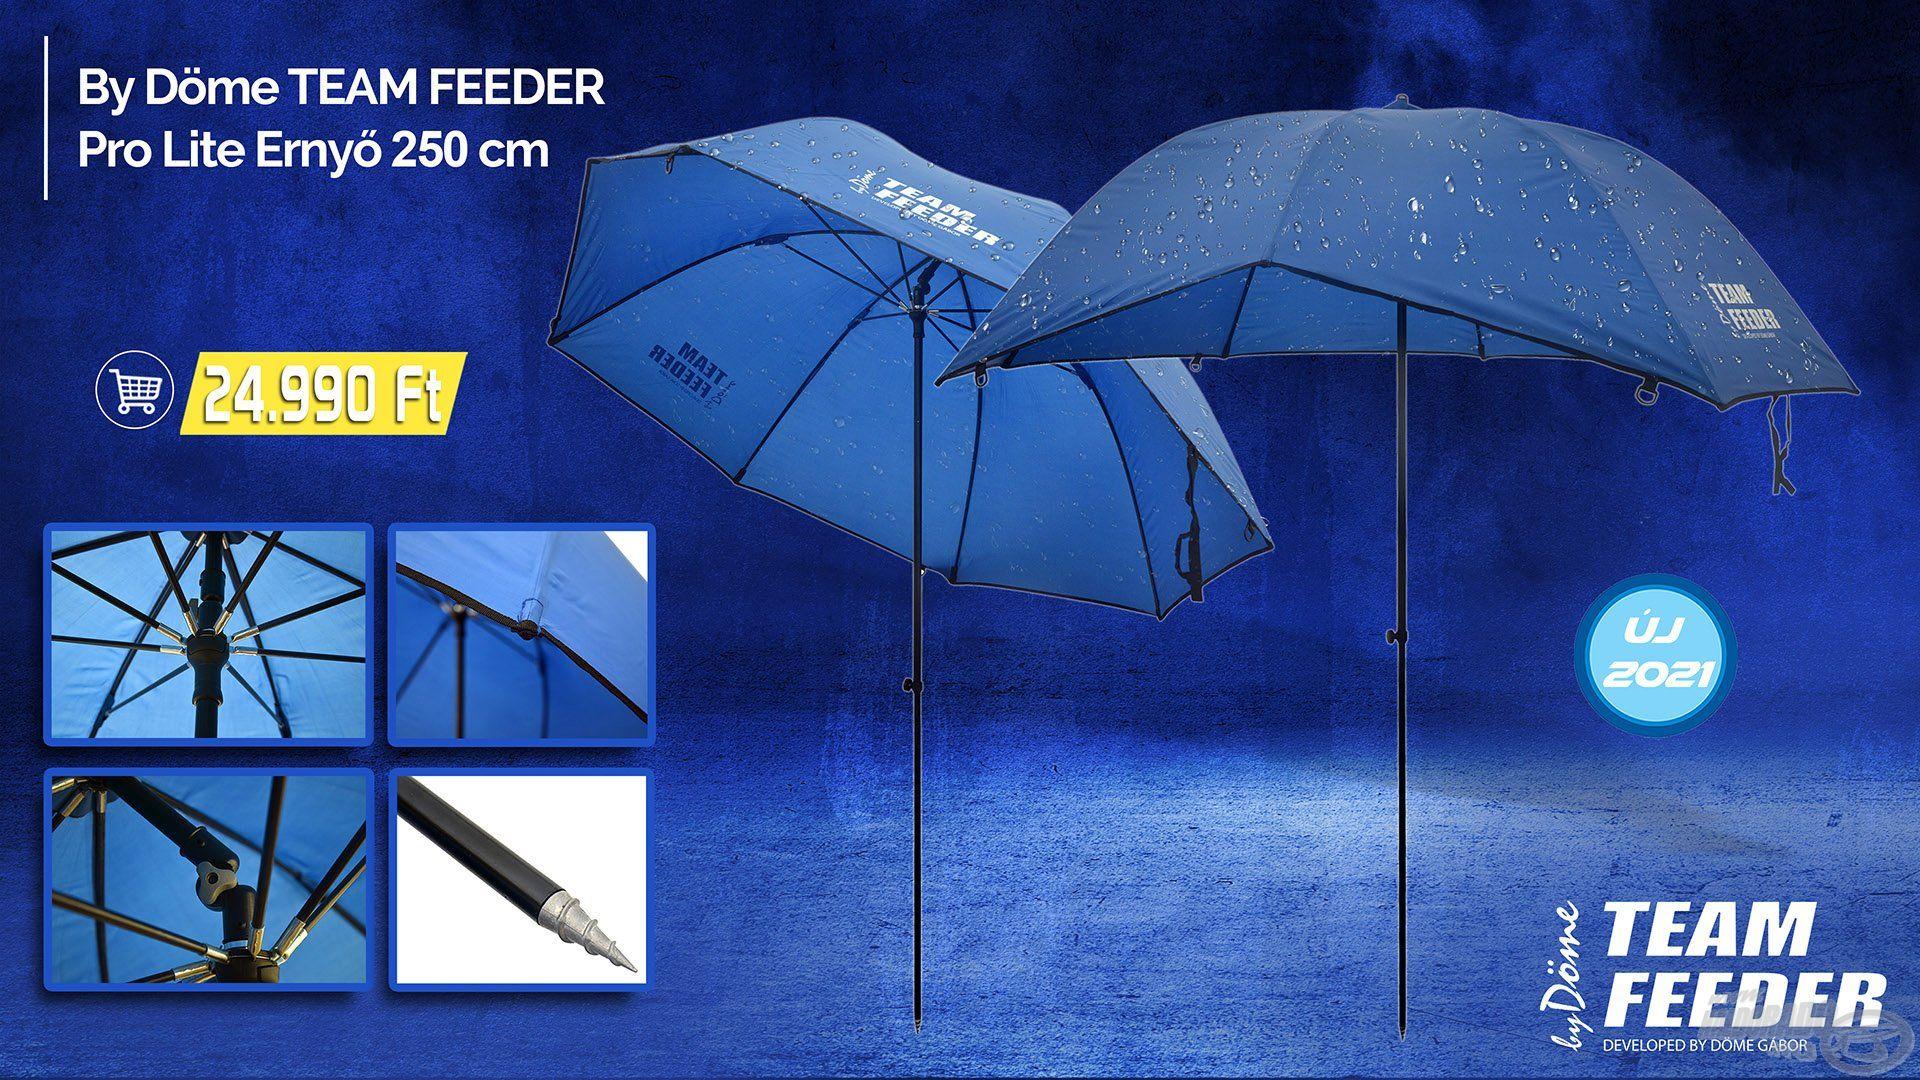 Az ernyő egy olyan kiegészítő, mely nem hiányozhat szinte egyetlen horgász kelléktárából sem